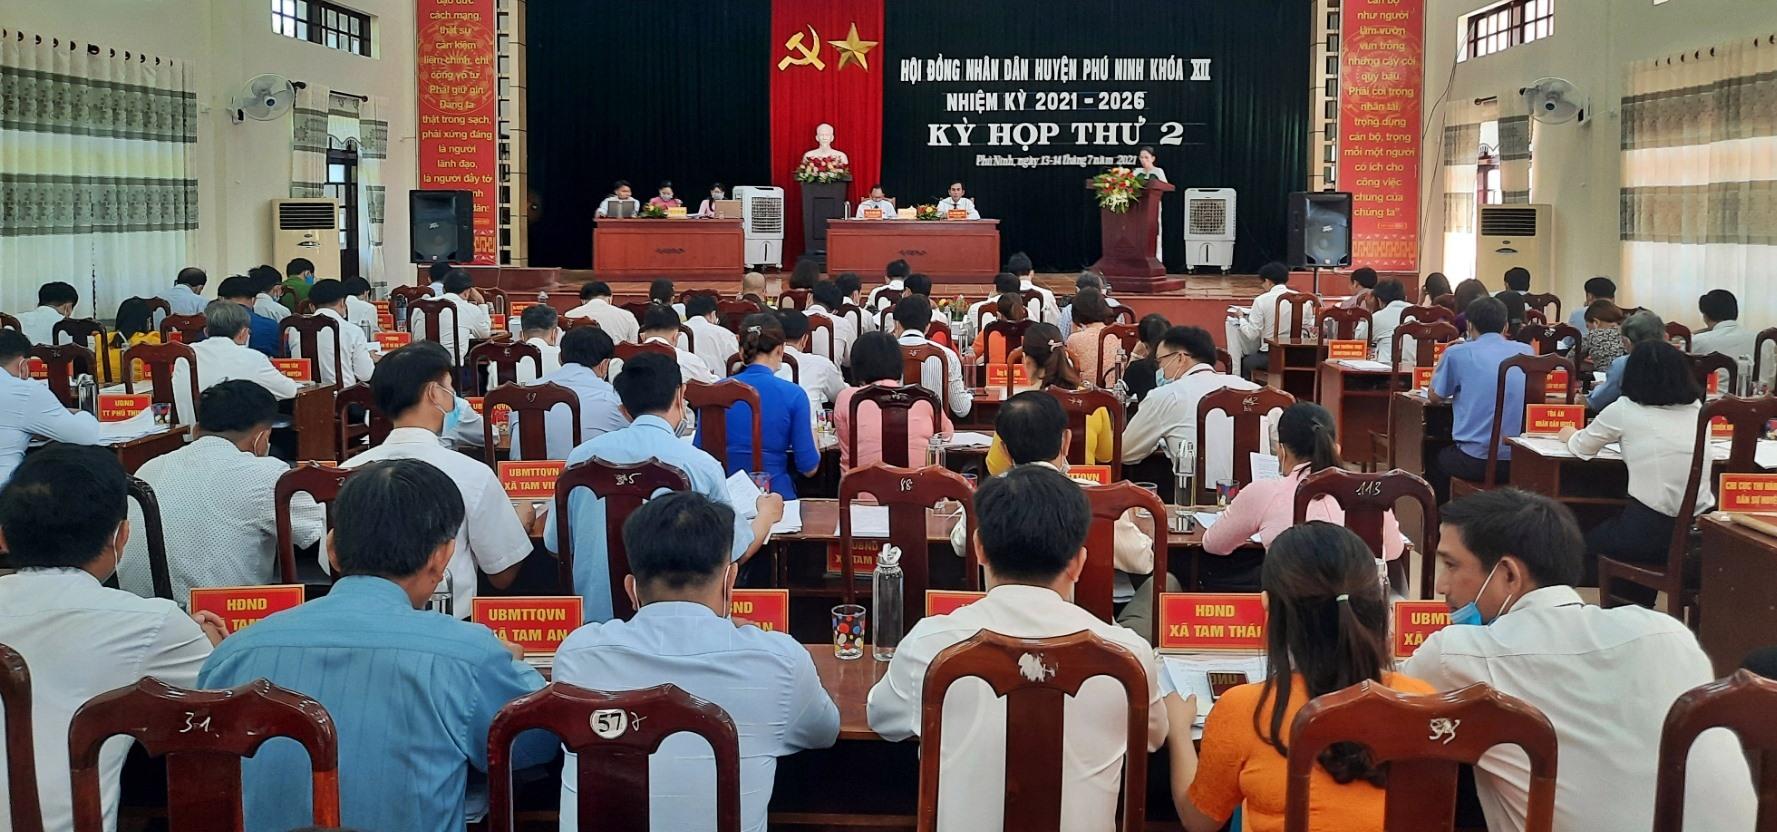 Hoạt động giám sát của Thường trực HĐND huyện Phú Ninh được thực hiện liên tục, chất lượng. Ảnh: Đ.C